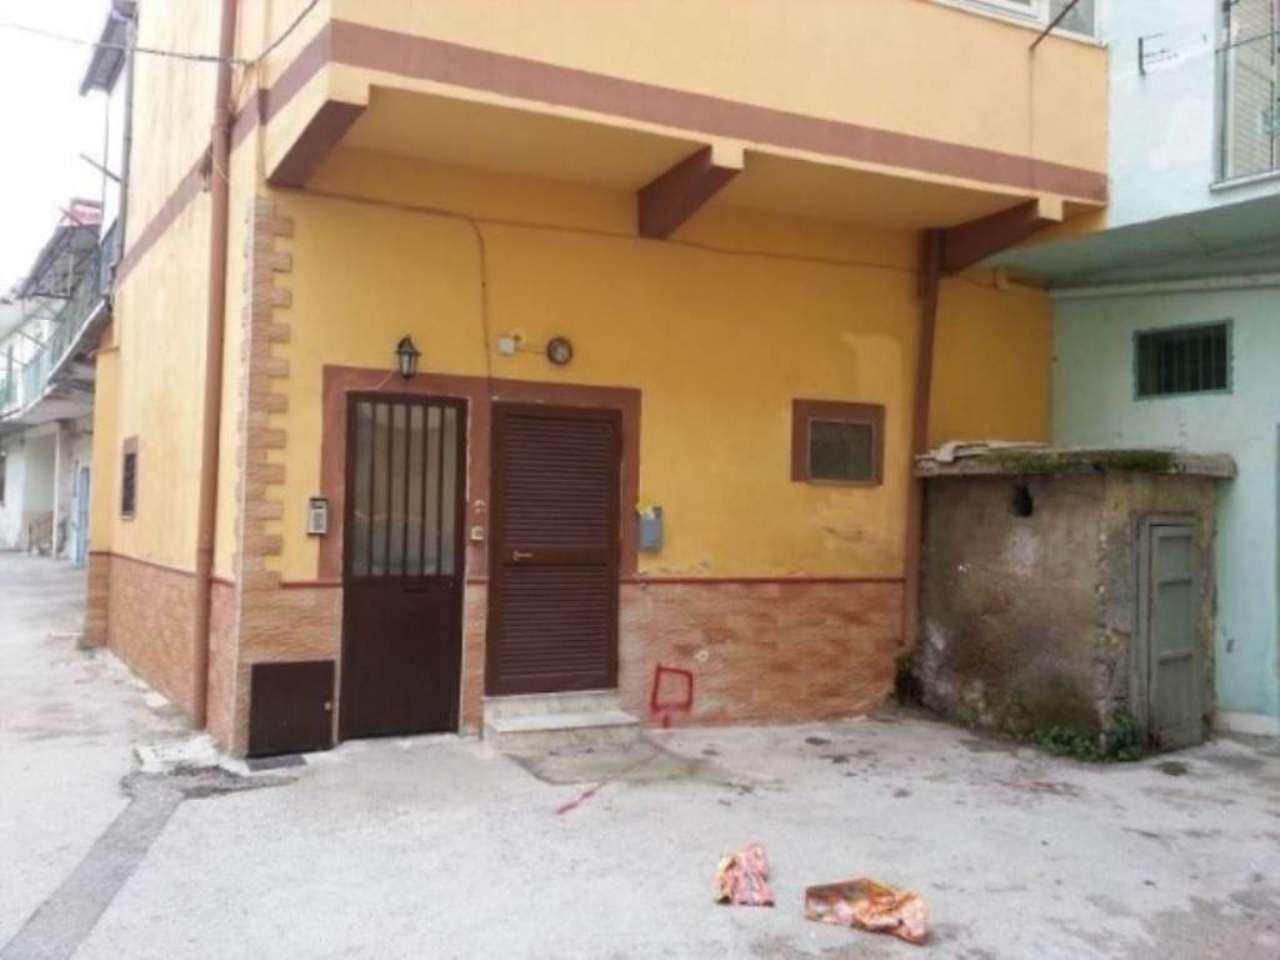 Appartamento in vendita a Casalnuovo di Napoli, 1 locali, prezzo € 31.000   CambioCasa.it